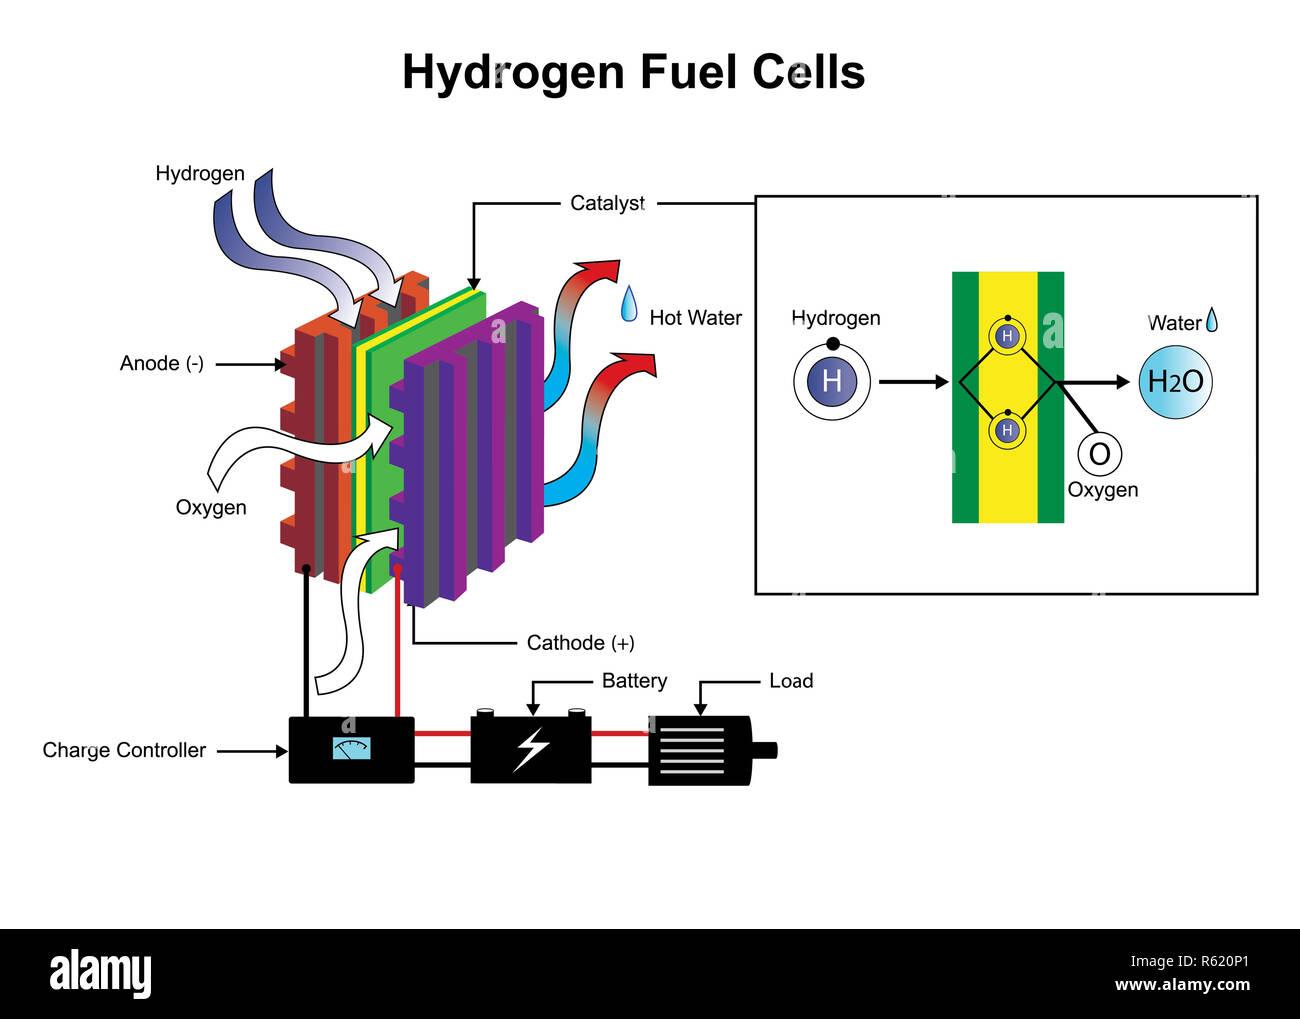 Diagrama de células de combustible de hidrógeno. Imagen De Stock